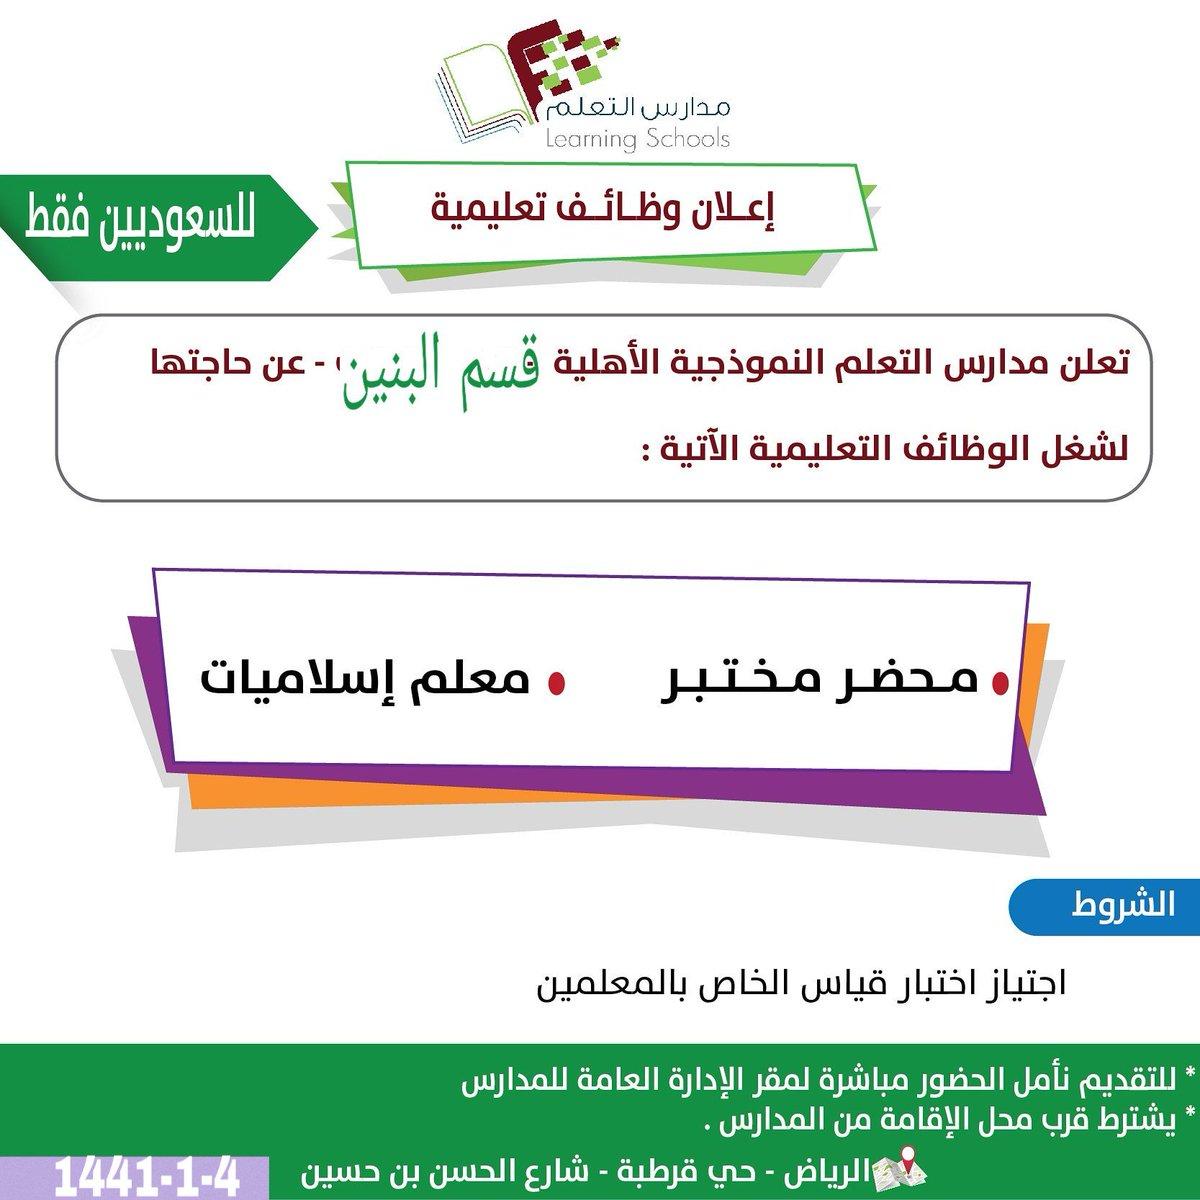 وظائف شاغرة بمدارس التعلم النموذجية بنين   1- محضر مختبر 2- معلم اسلاميات  #وظائف_شاغرة #وظائف_الرياض #توظيف  @attaallum